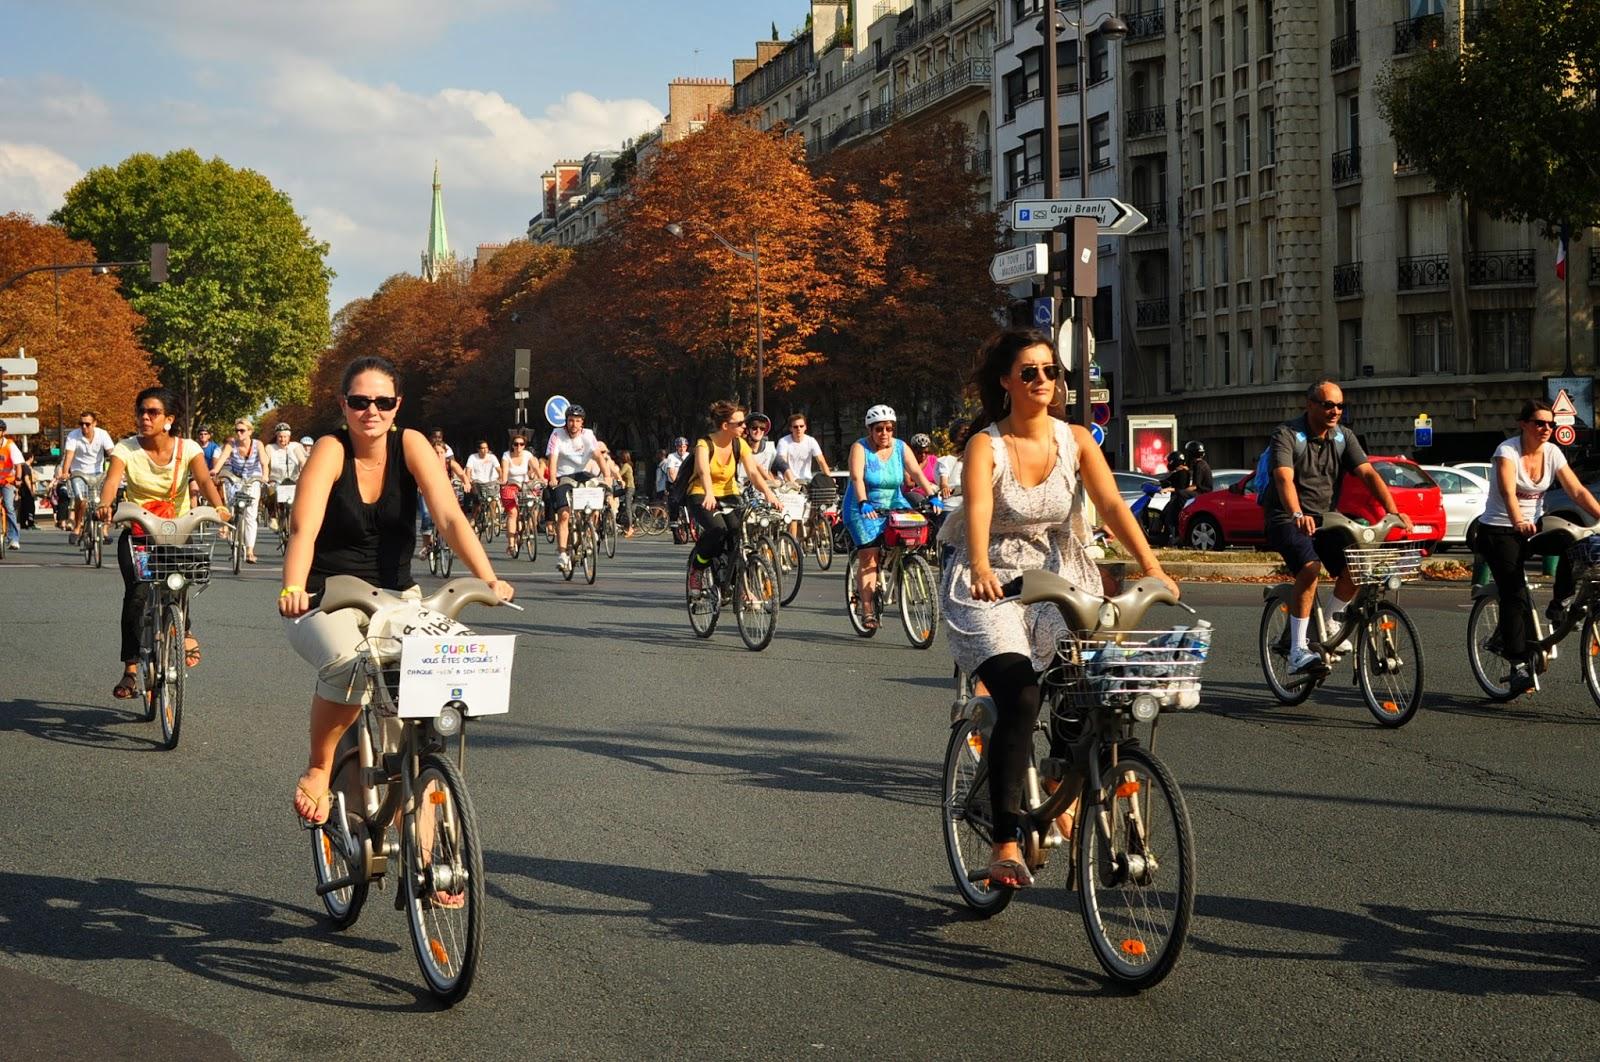 Ден на протест срещу градския трафик в полза на колоездачите.